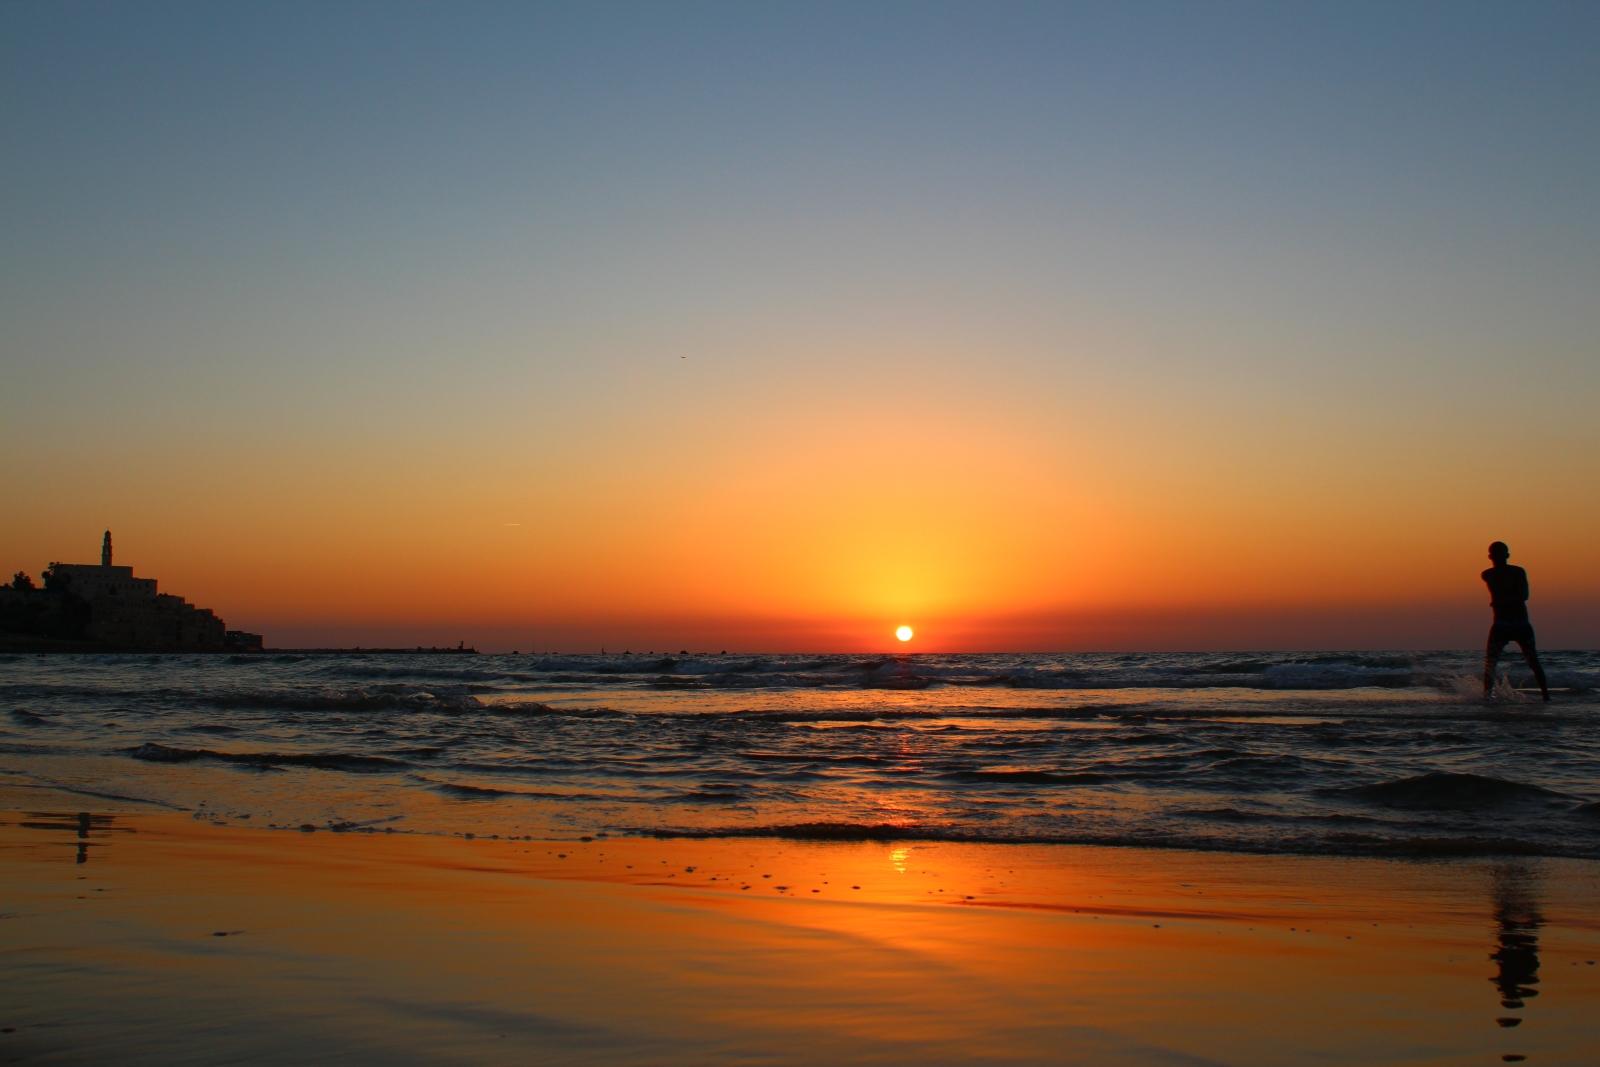 Солнце почти скрылось за горизонтом